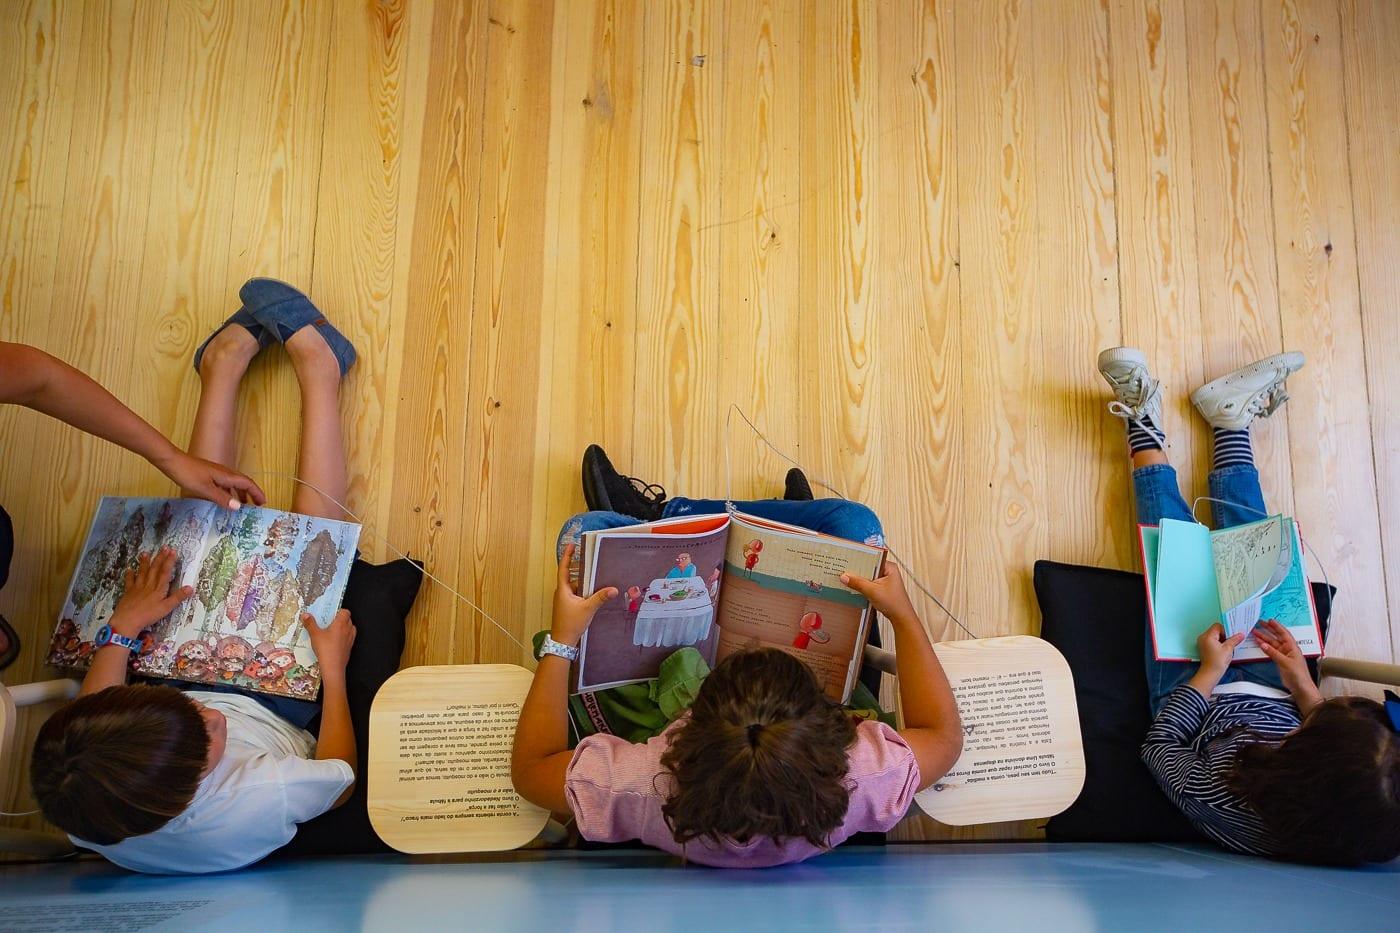 biblioteca do público